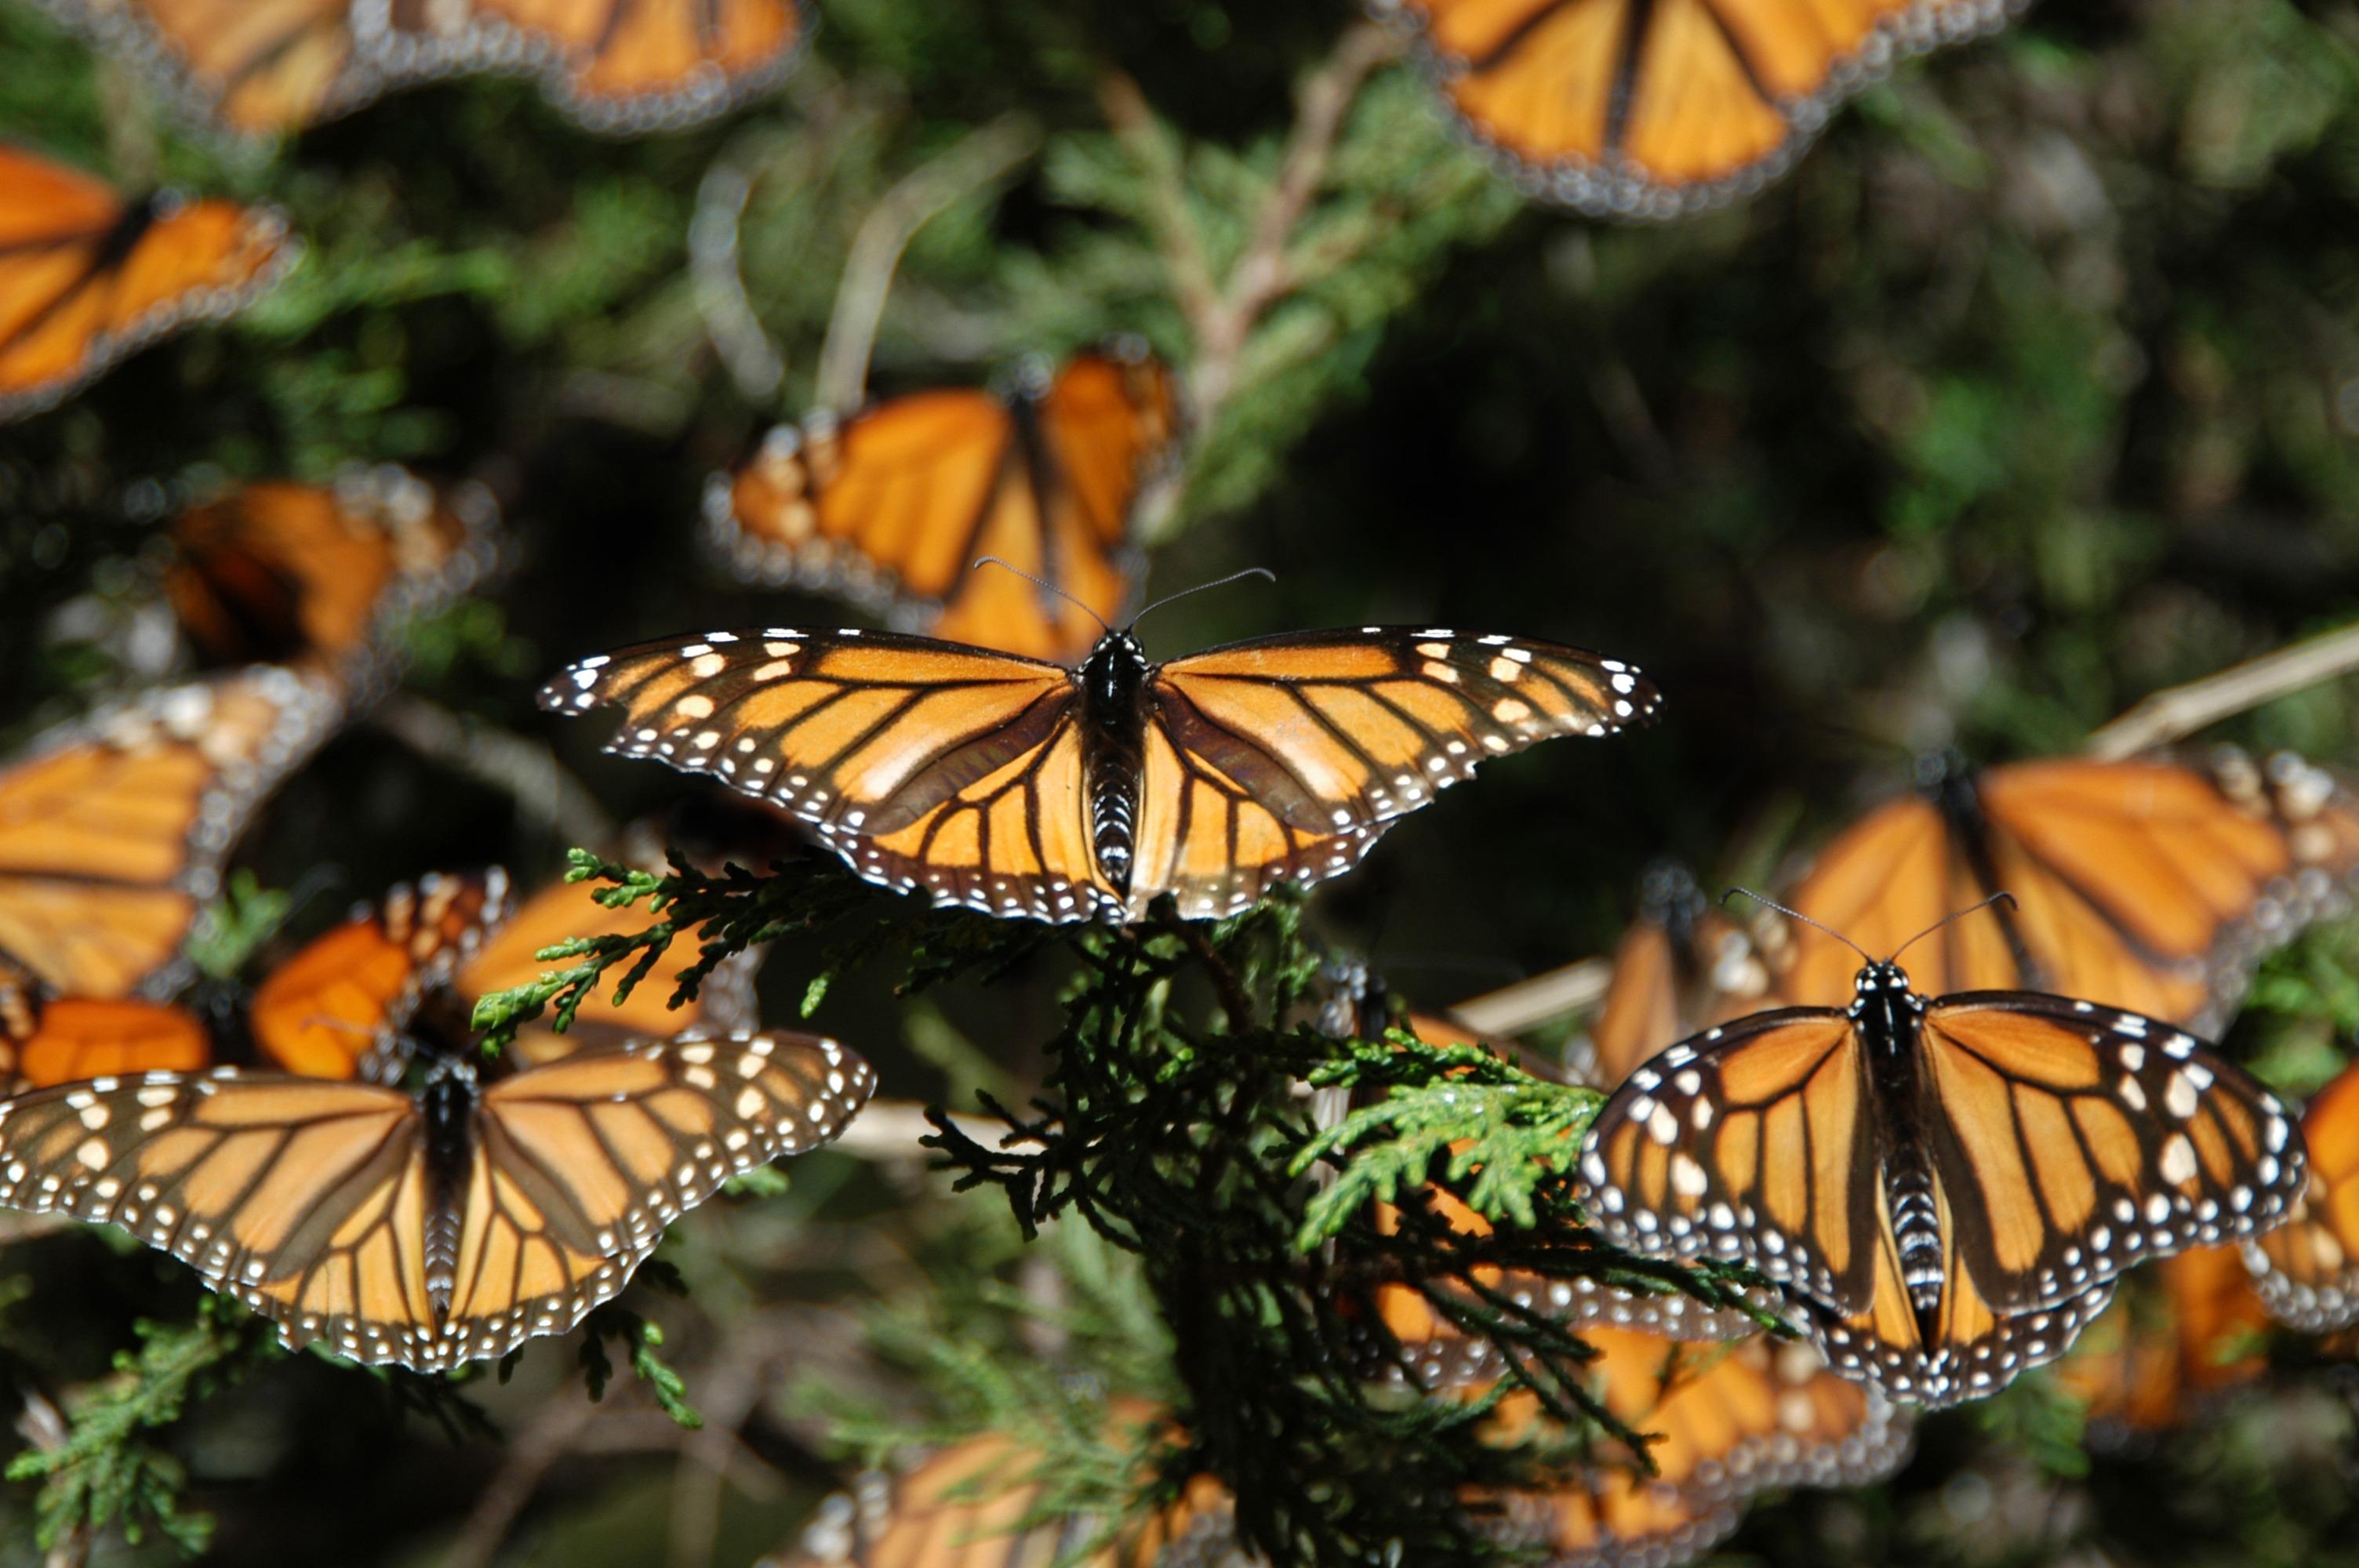 mariposas-monarca-en-el-estado-de-mexico-1